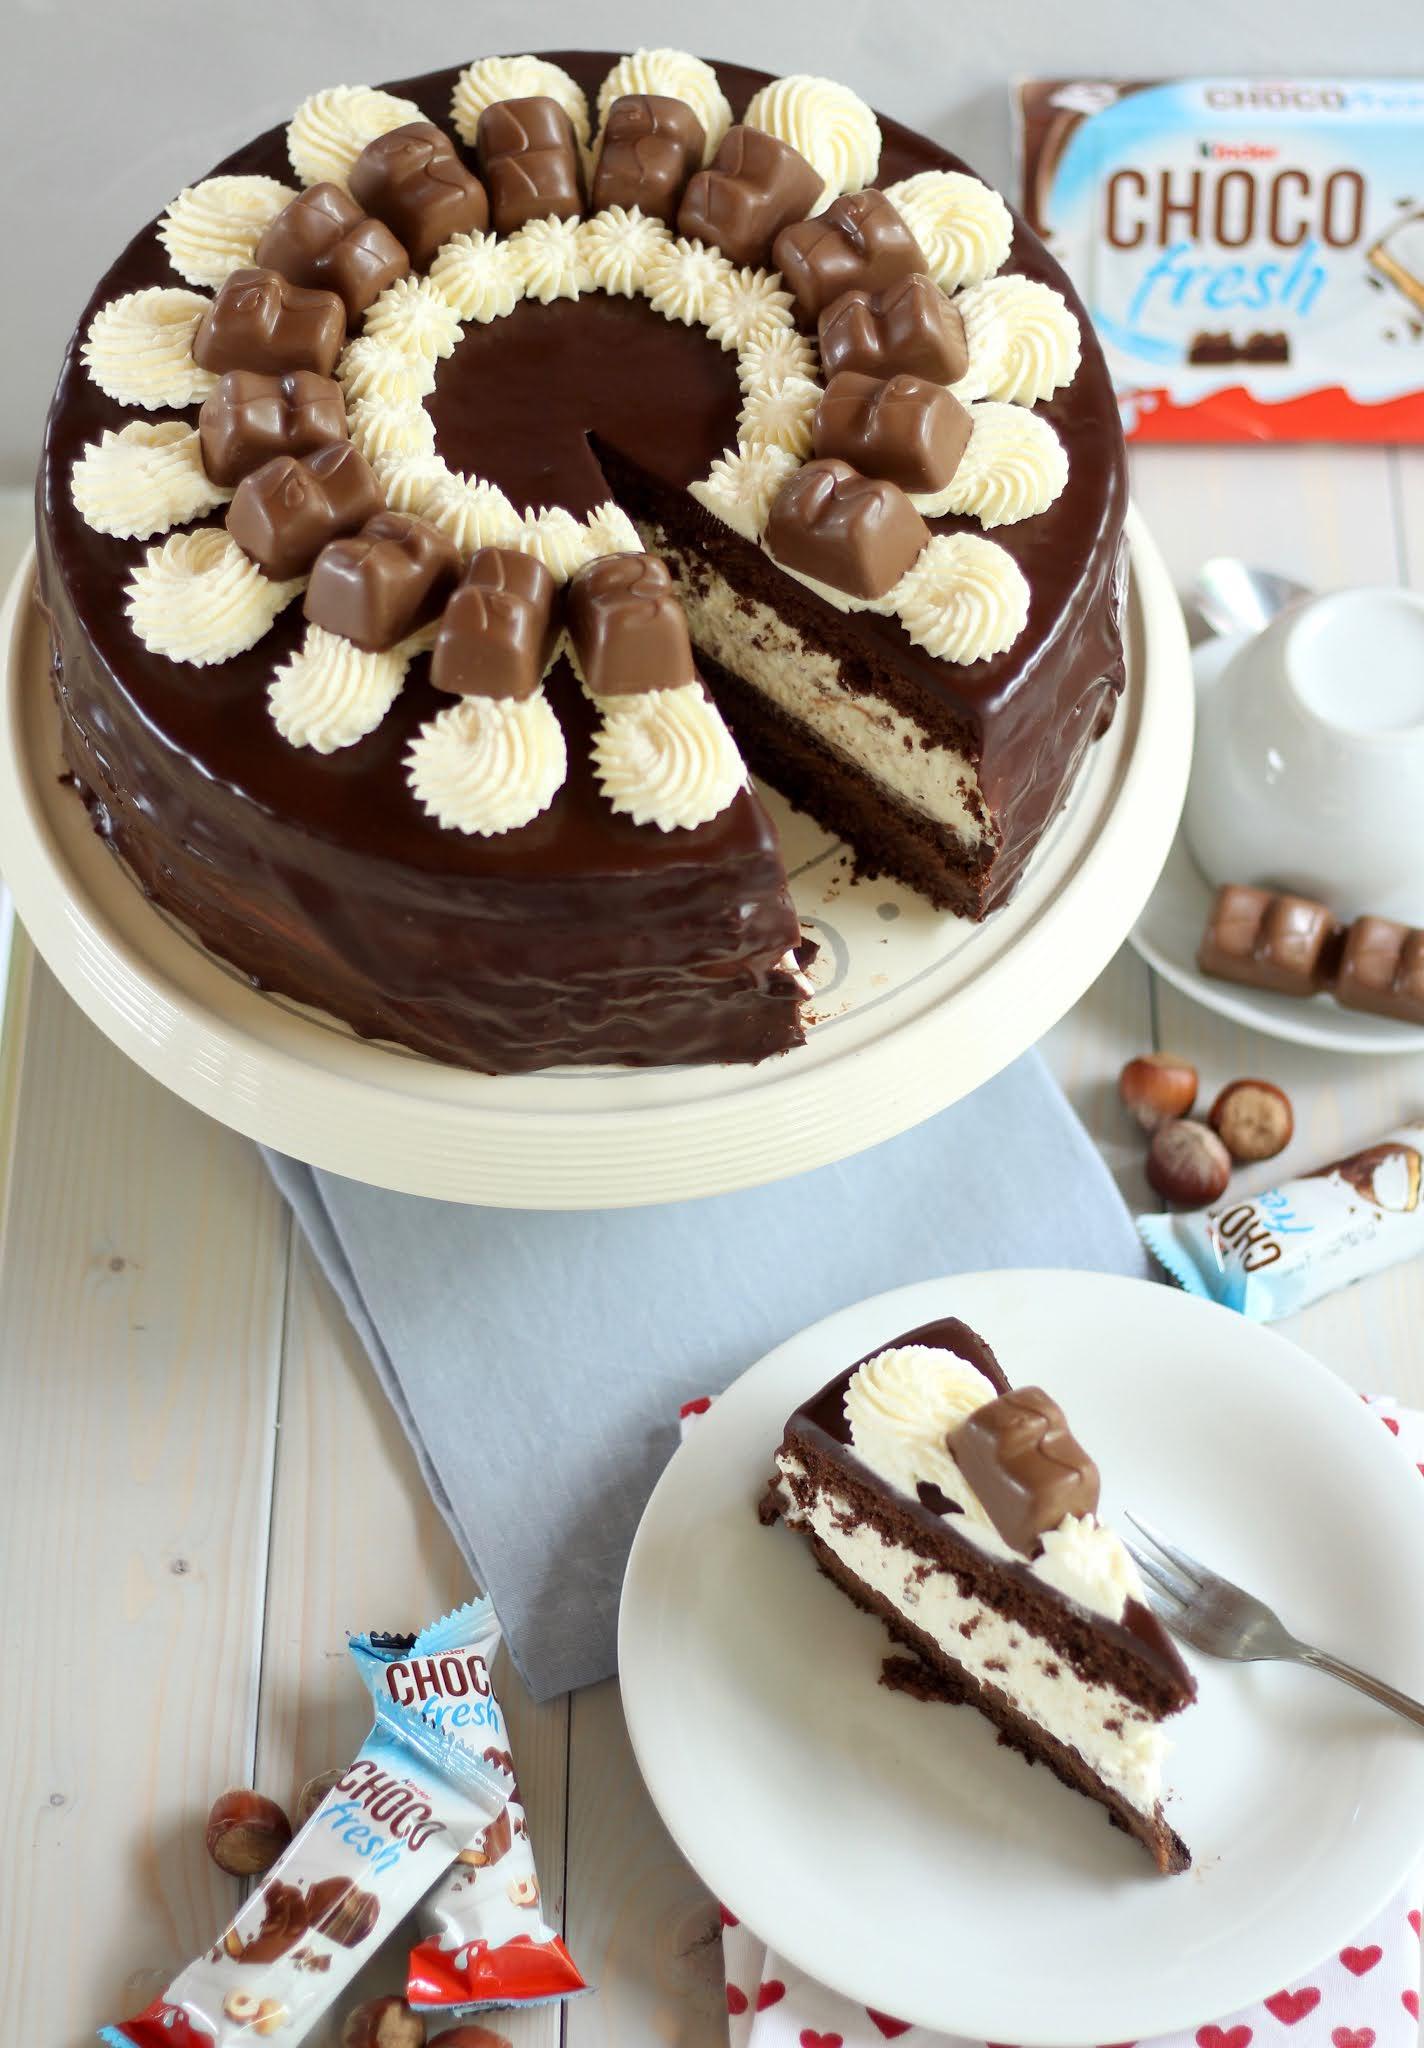 Unglaublich leckere Kinder Choco Fresh Torte: Die absolute Traumtorte! | Rezept und Video von Sugarprincess